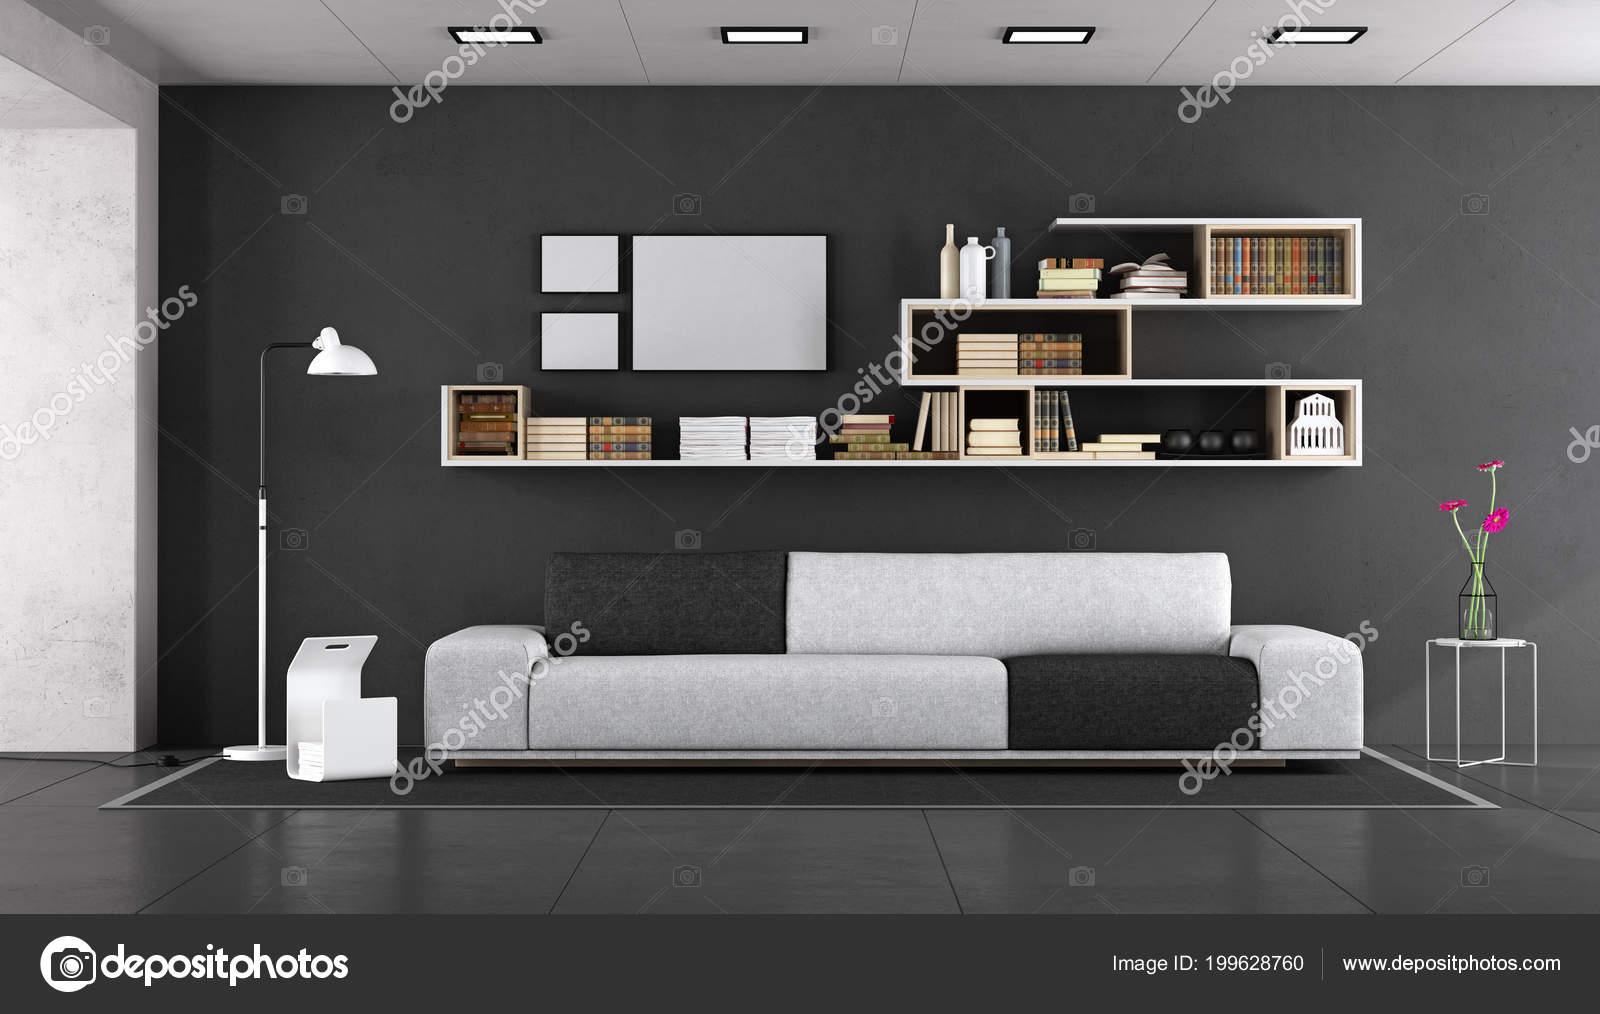 Schwarz Weiss Modernes Wohnen Mit Stoff Sofa Und Bucherregal Wand